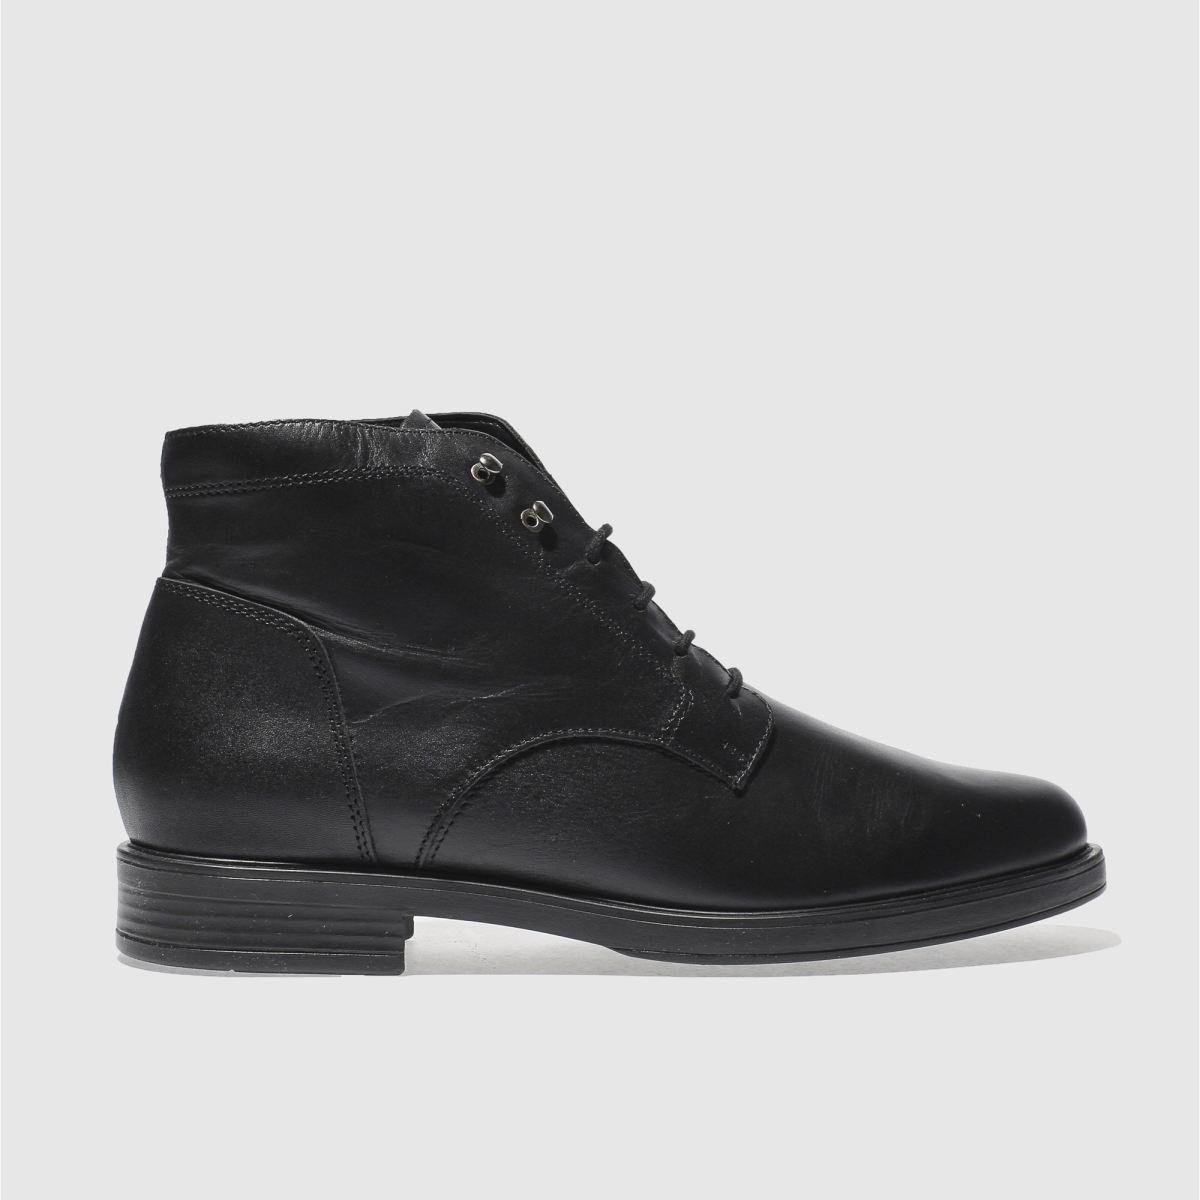 Schuh Black Roulette Boots